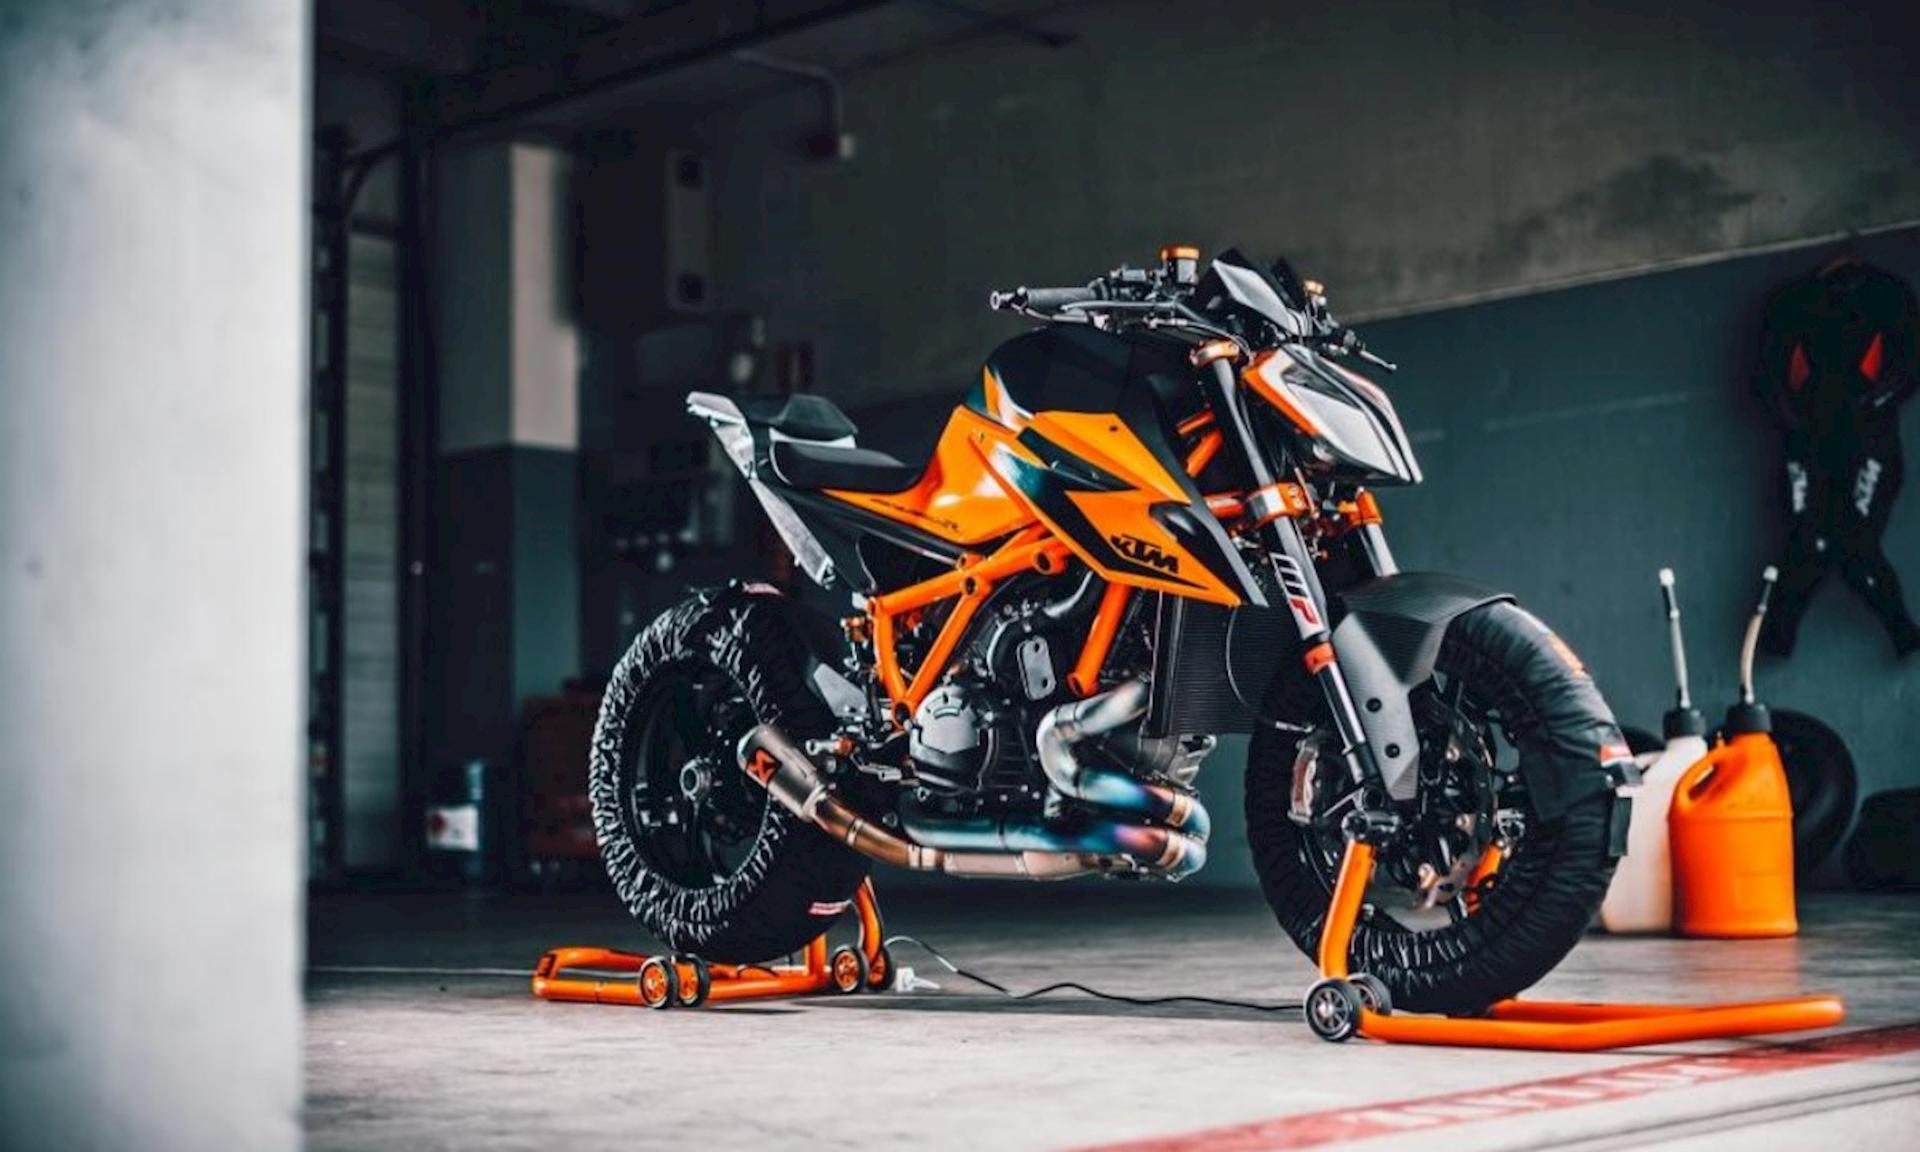 2021 KTM 1290 Super Duke RR First Look